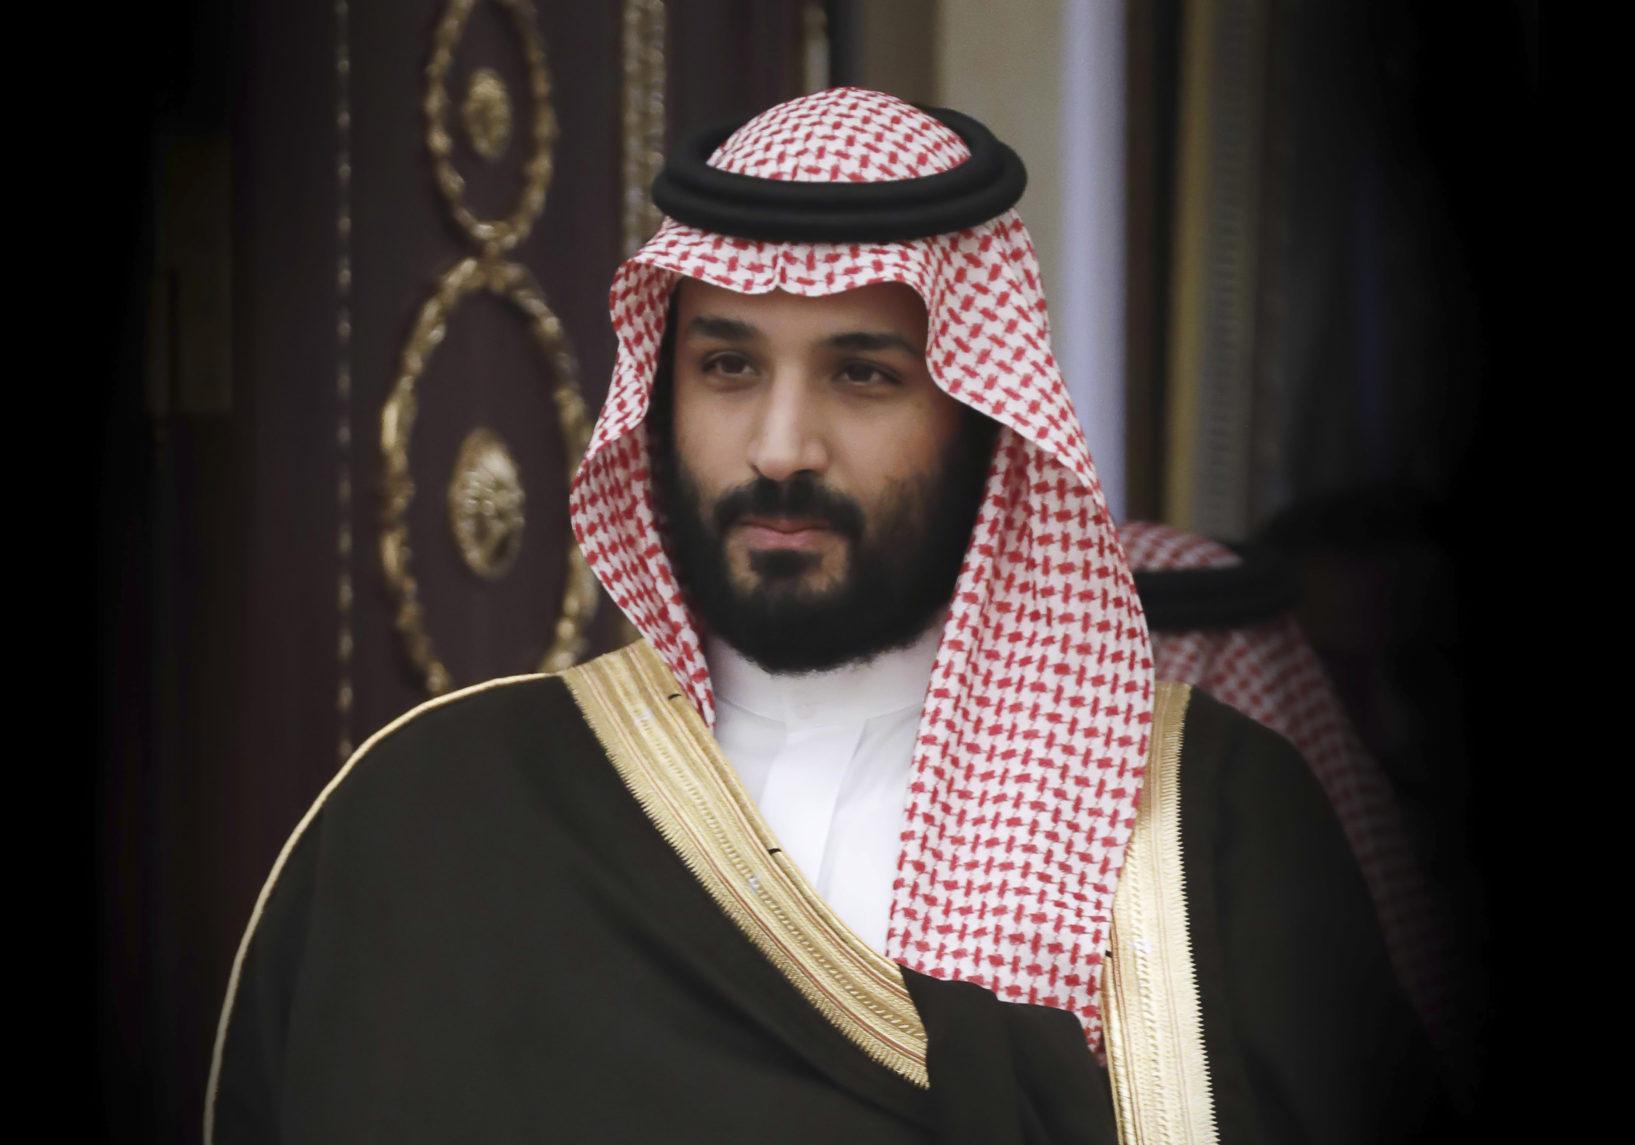 في اليوم الوطني الـ88 أبرز إنجازات الأمير محمد بن سلمان ولي